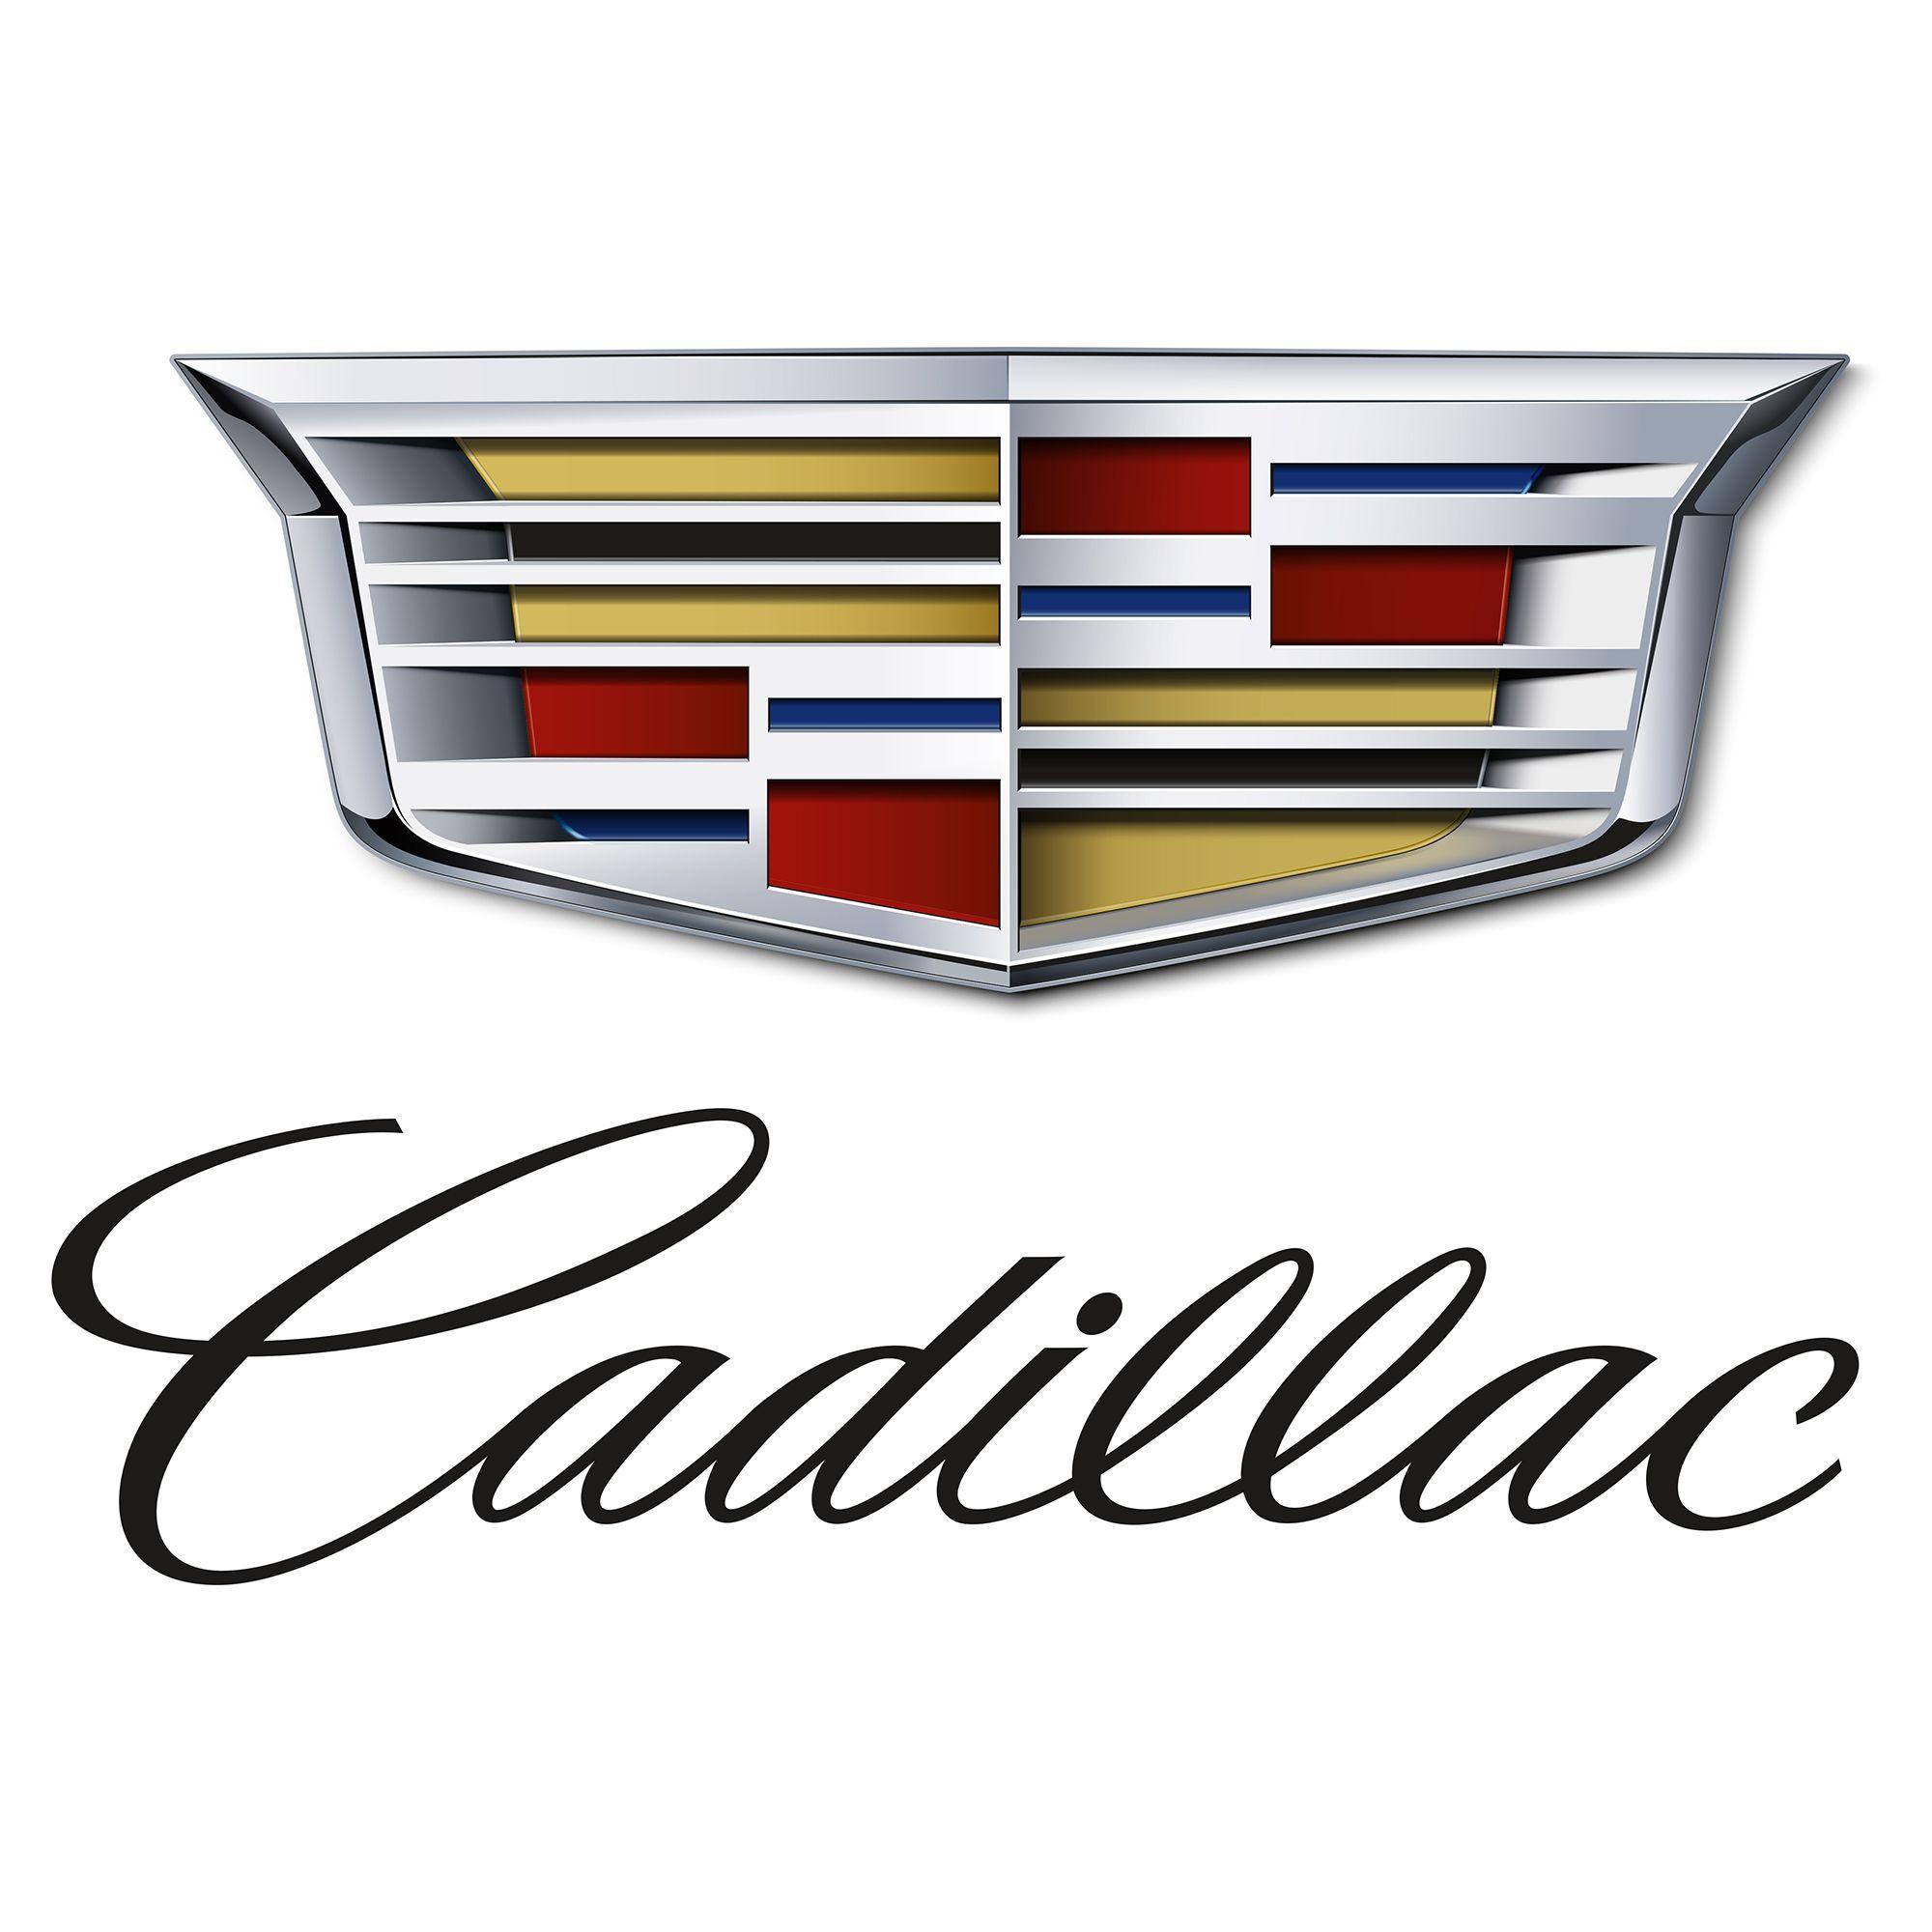 Pin on Cadillac Cars.